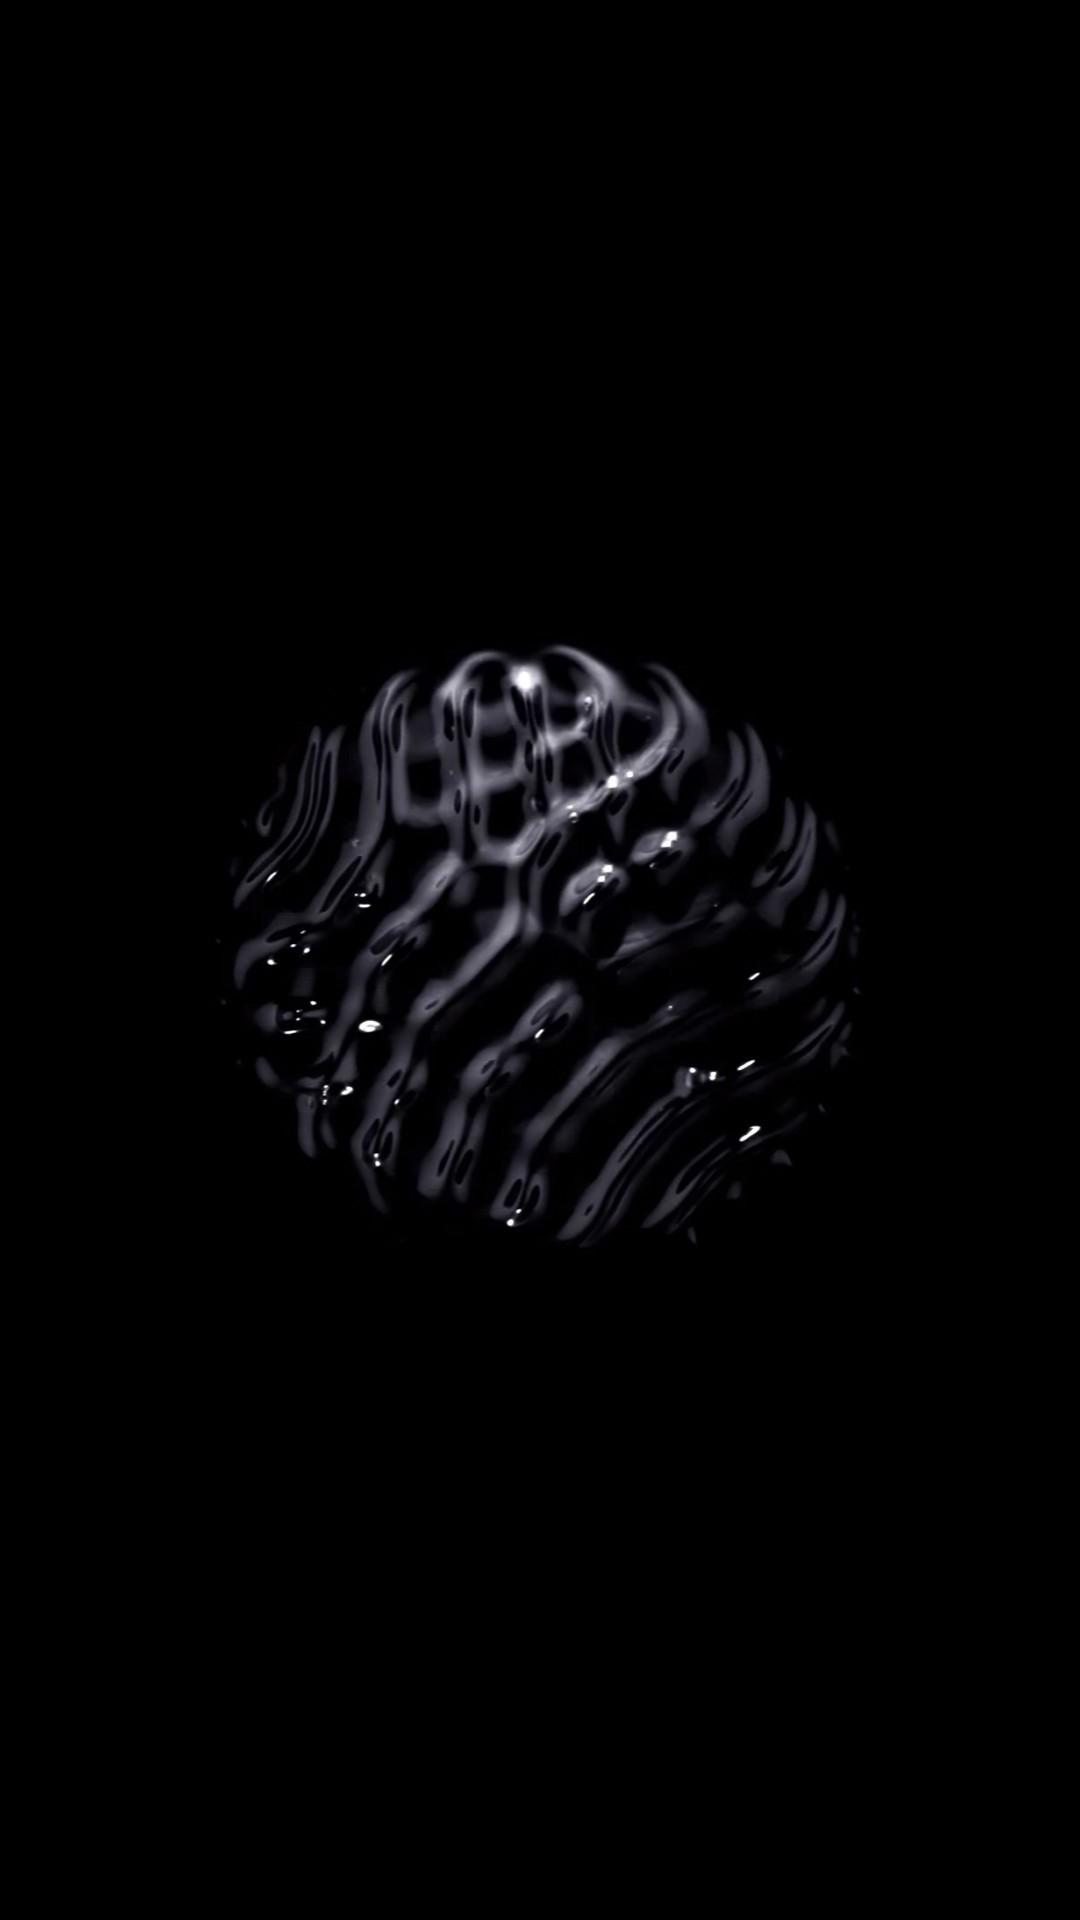 3d black wallpaper iphone